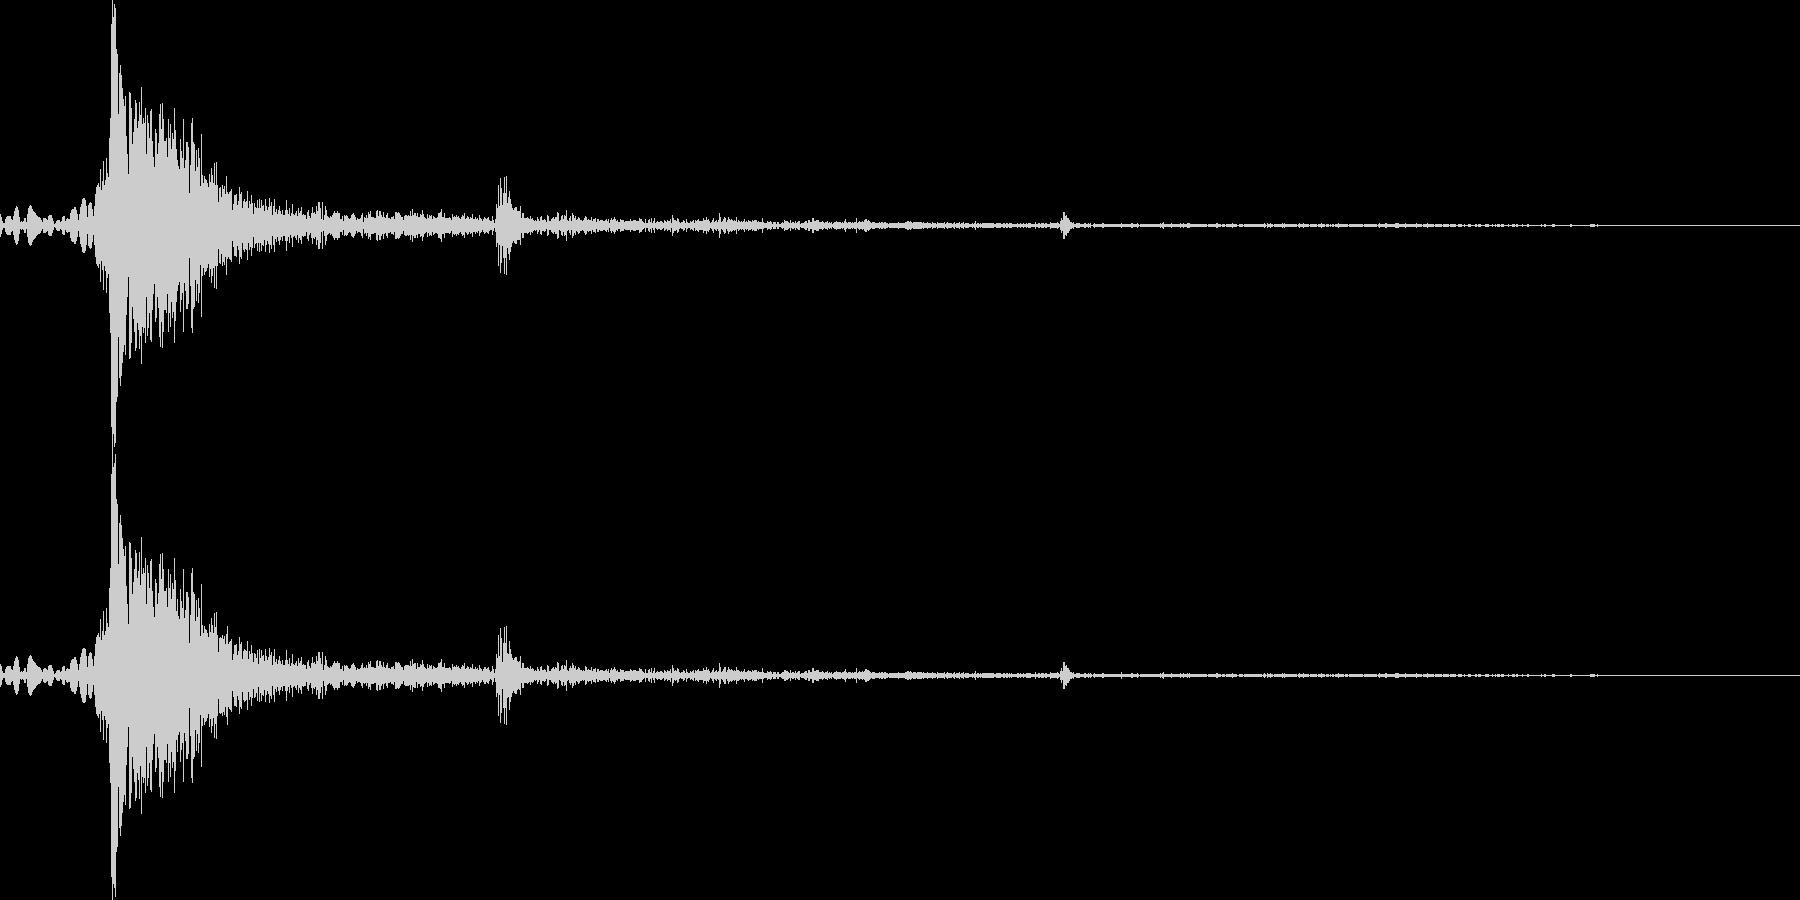 【銃声音001】銃の発砲音の未再生の波形